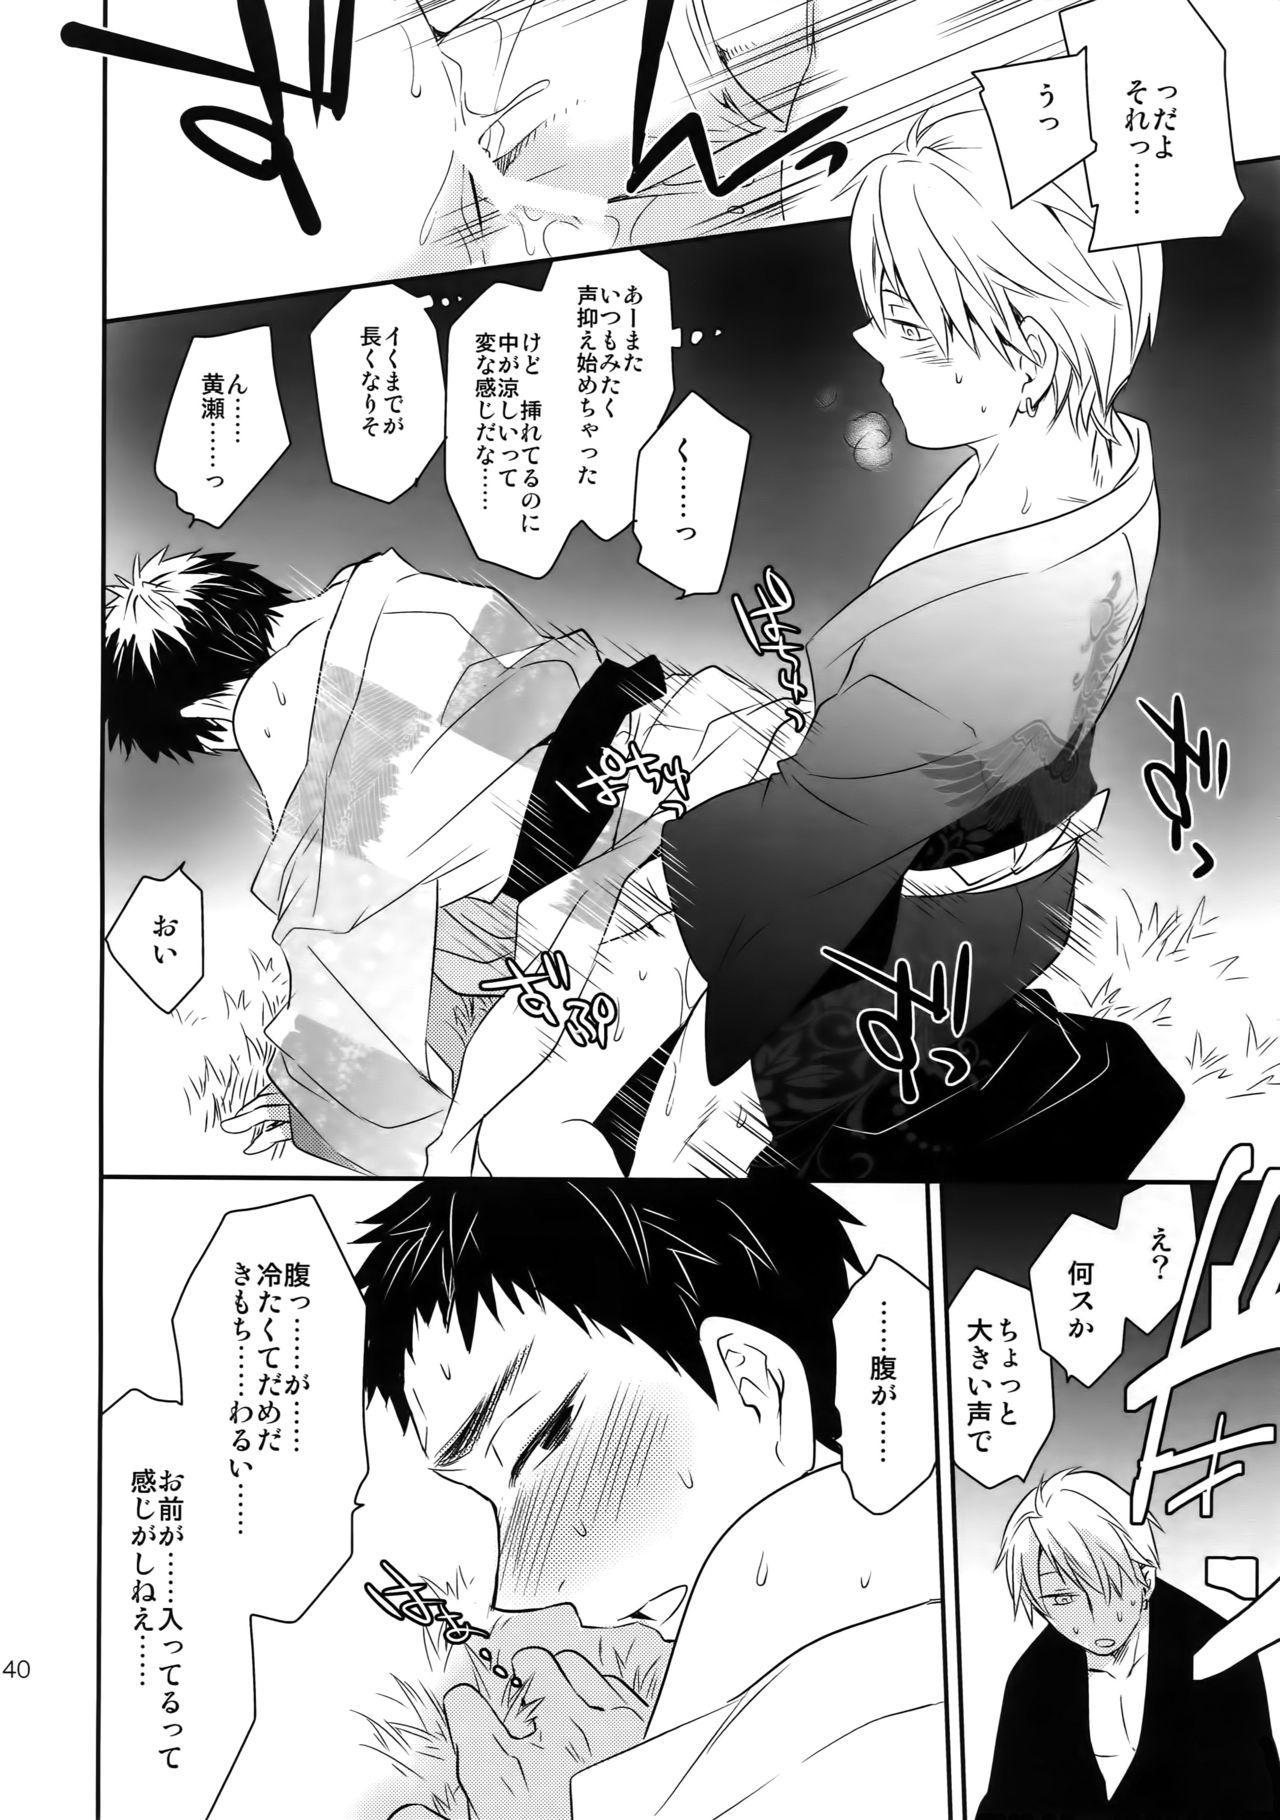 Kanpeki Kareshi to Zettai Ryouiki Ouji-sama 138